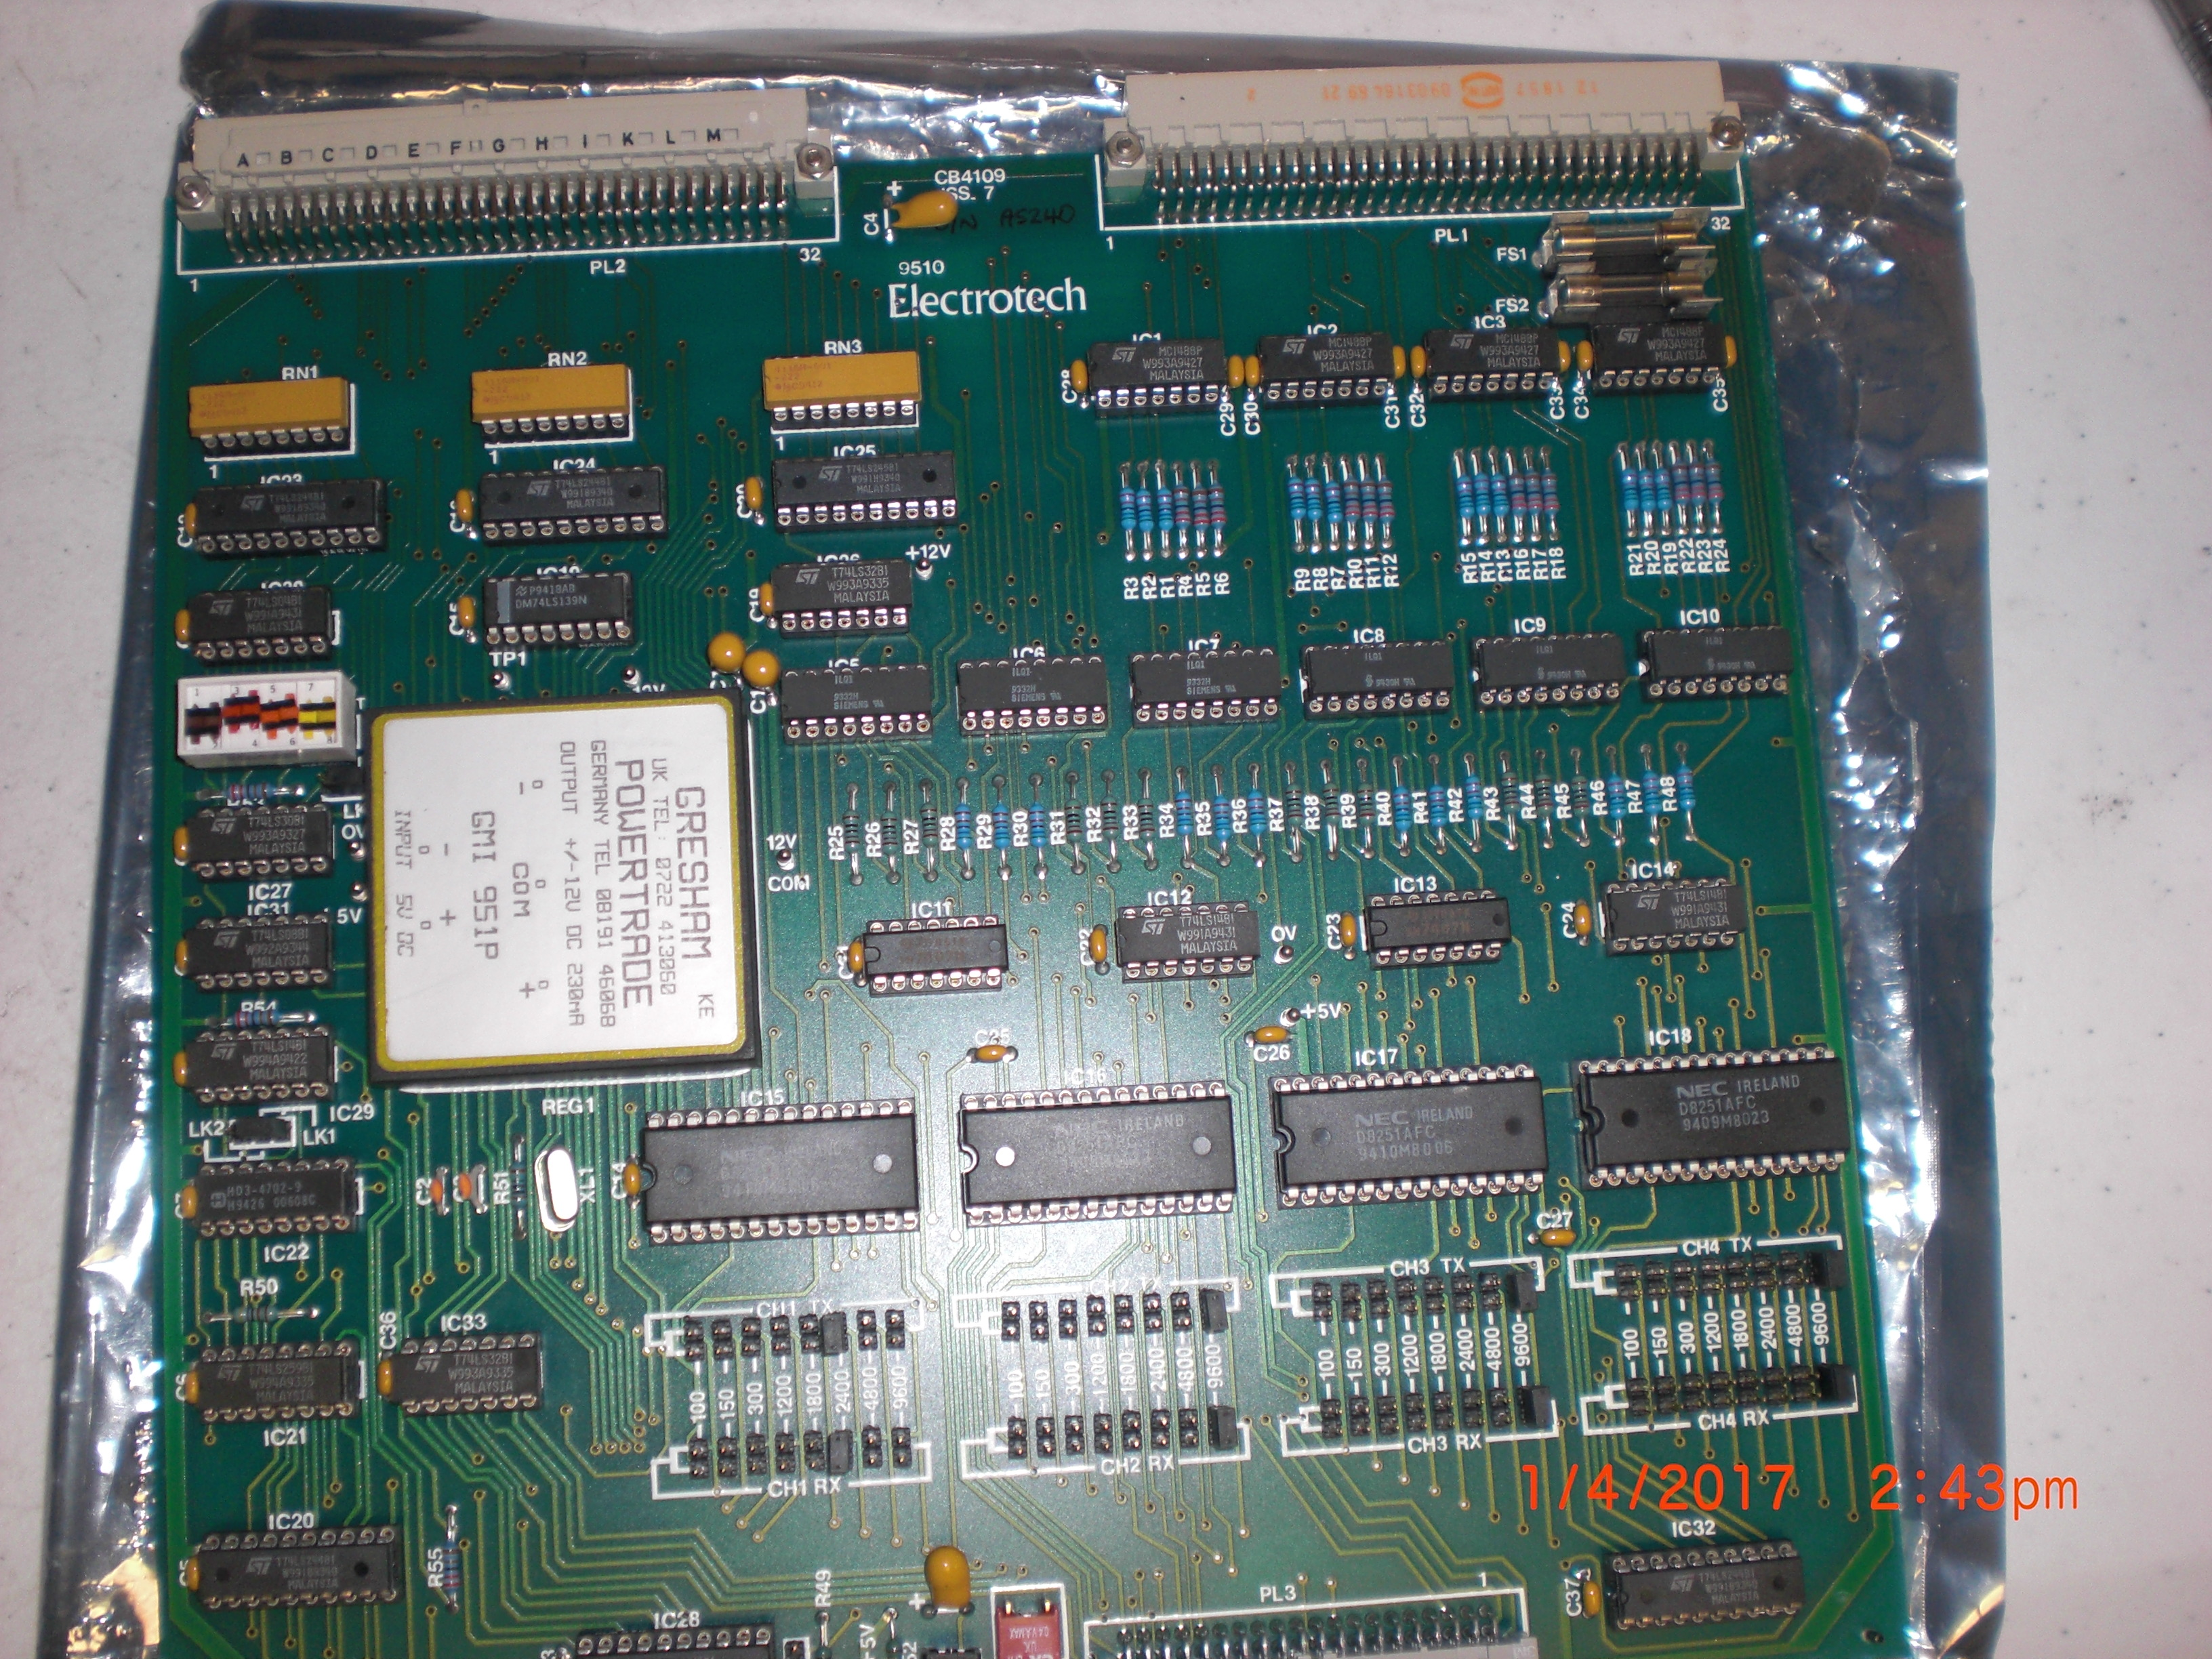 PCB R44109Secs 2 ELECTROTECH 9510 Aviza RP01745